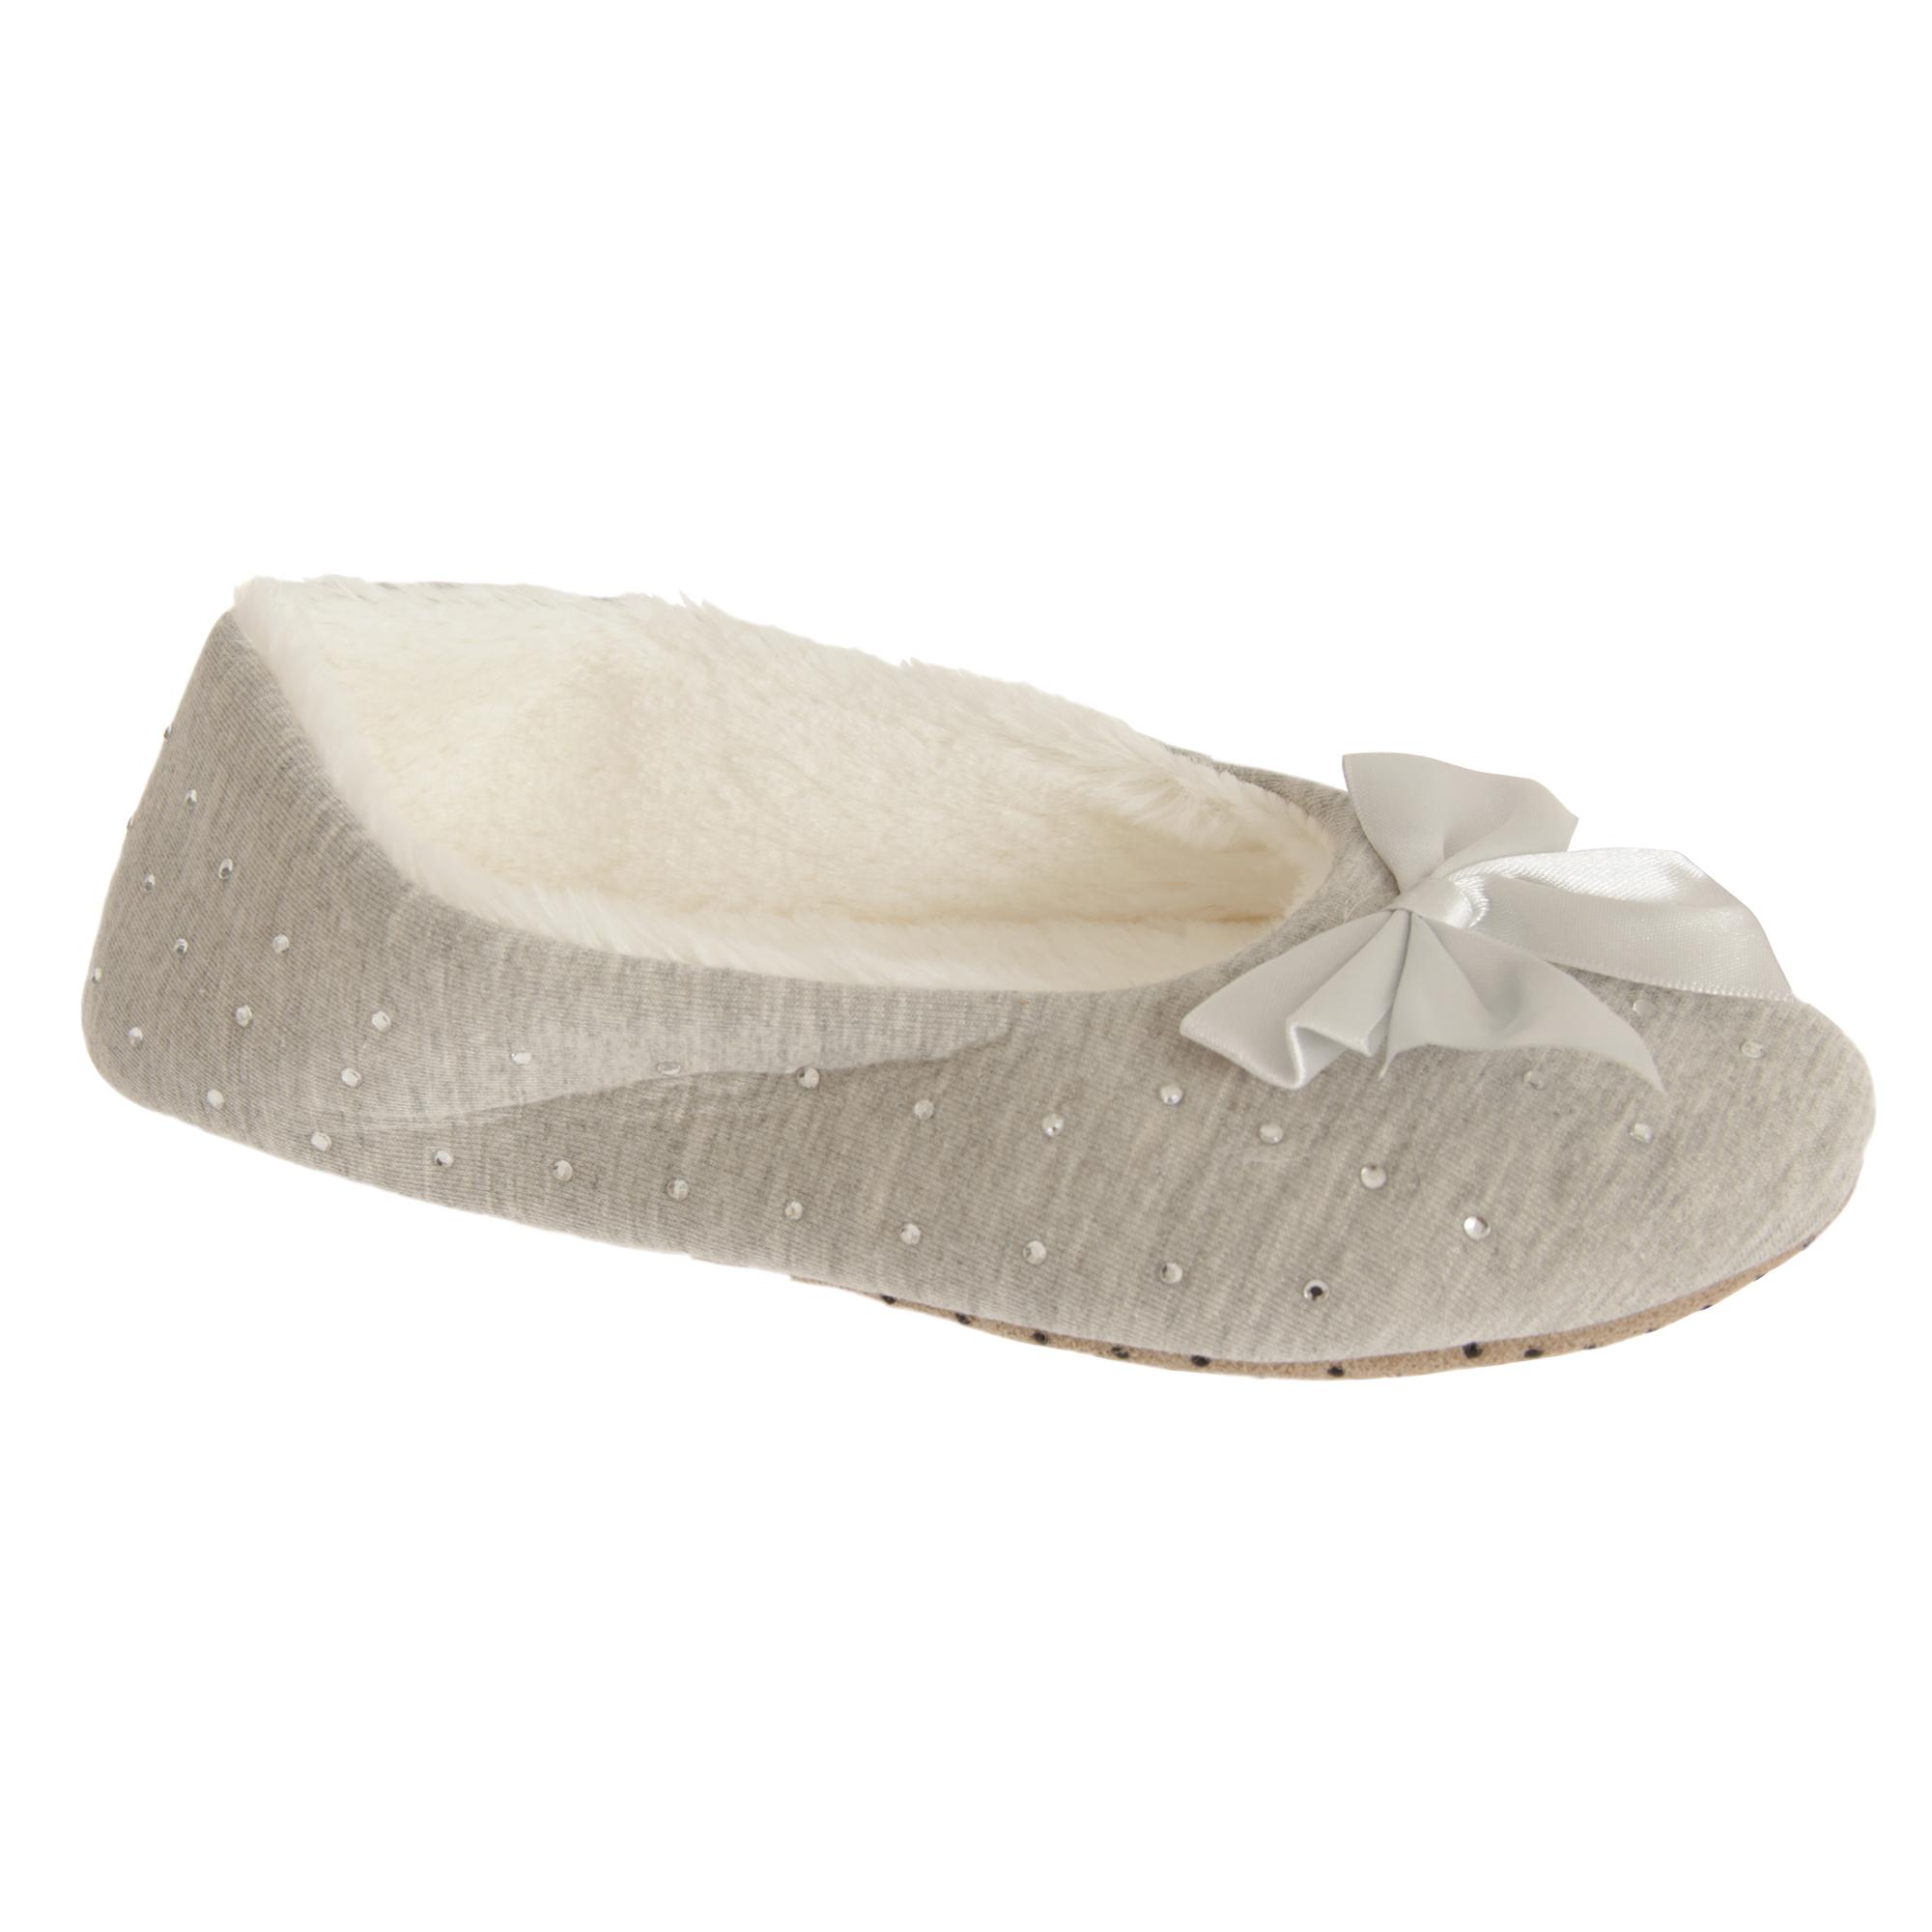 Slumberzzz-Zapatillas-de-estar-por-casa-modelo-diamante-para-mujer-SL547